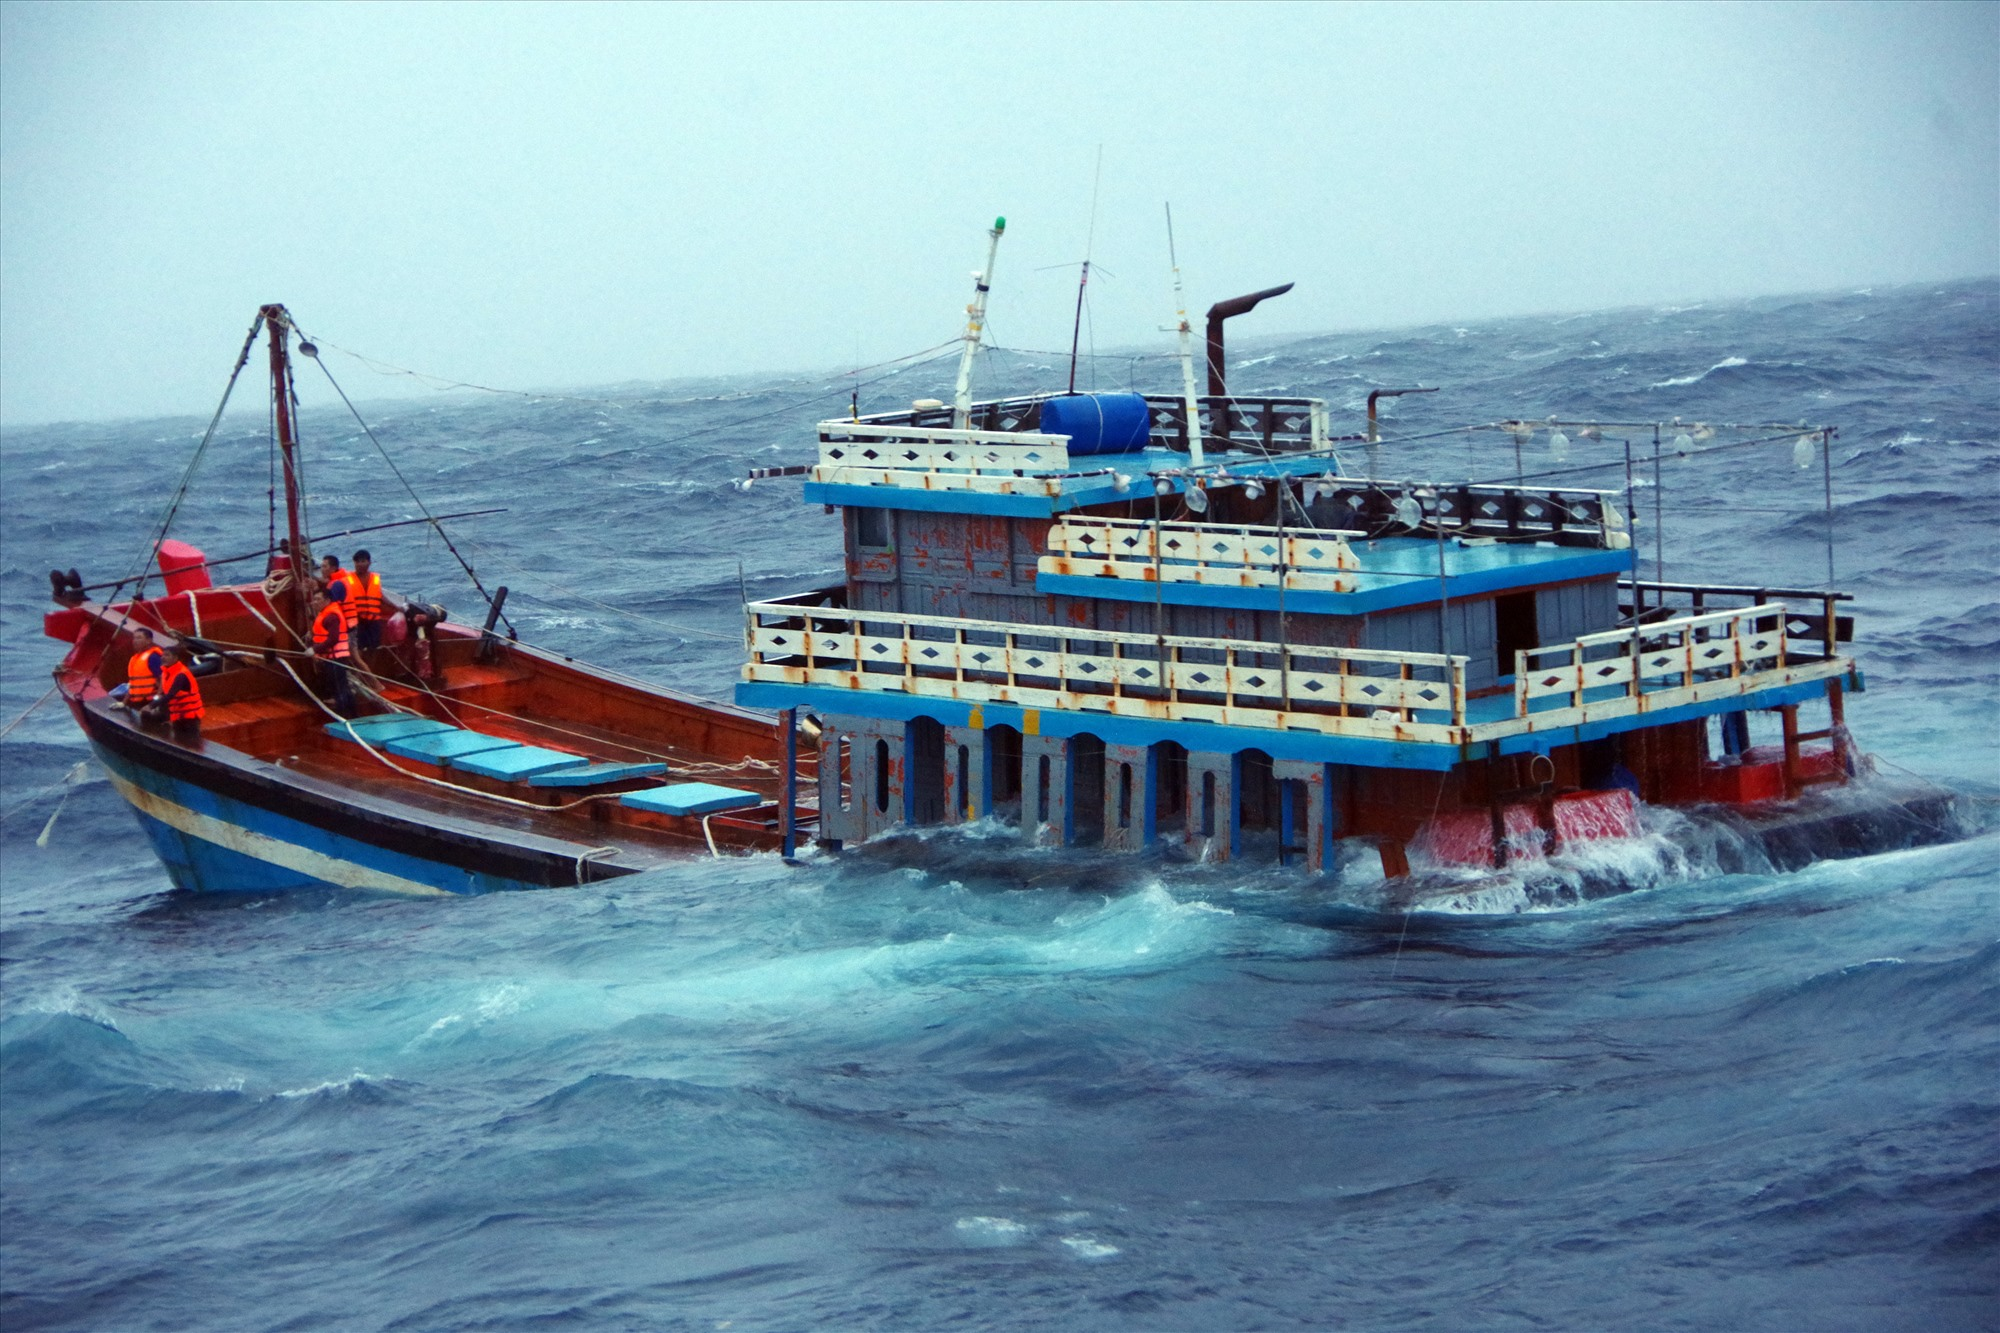 Tàu cá QNg-95058 TS của ngư dân Quảng Ngãi được ứng cứu kịp thời trong bão số 5. Ảnh: N.T